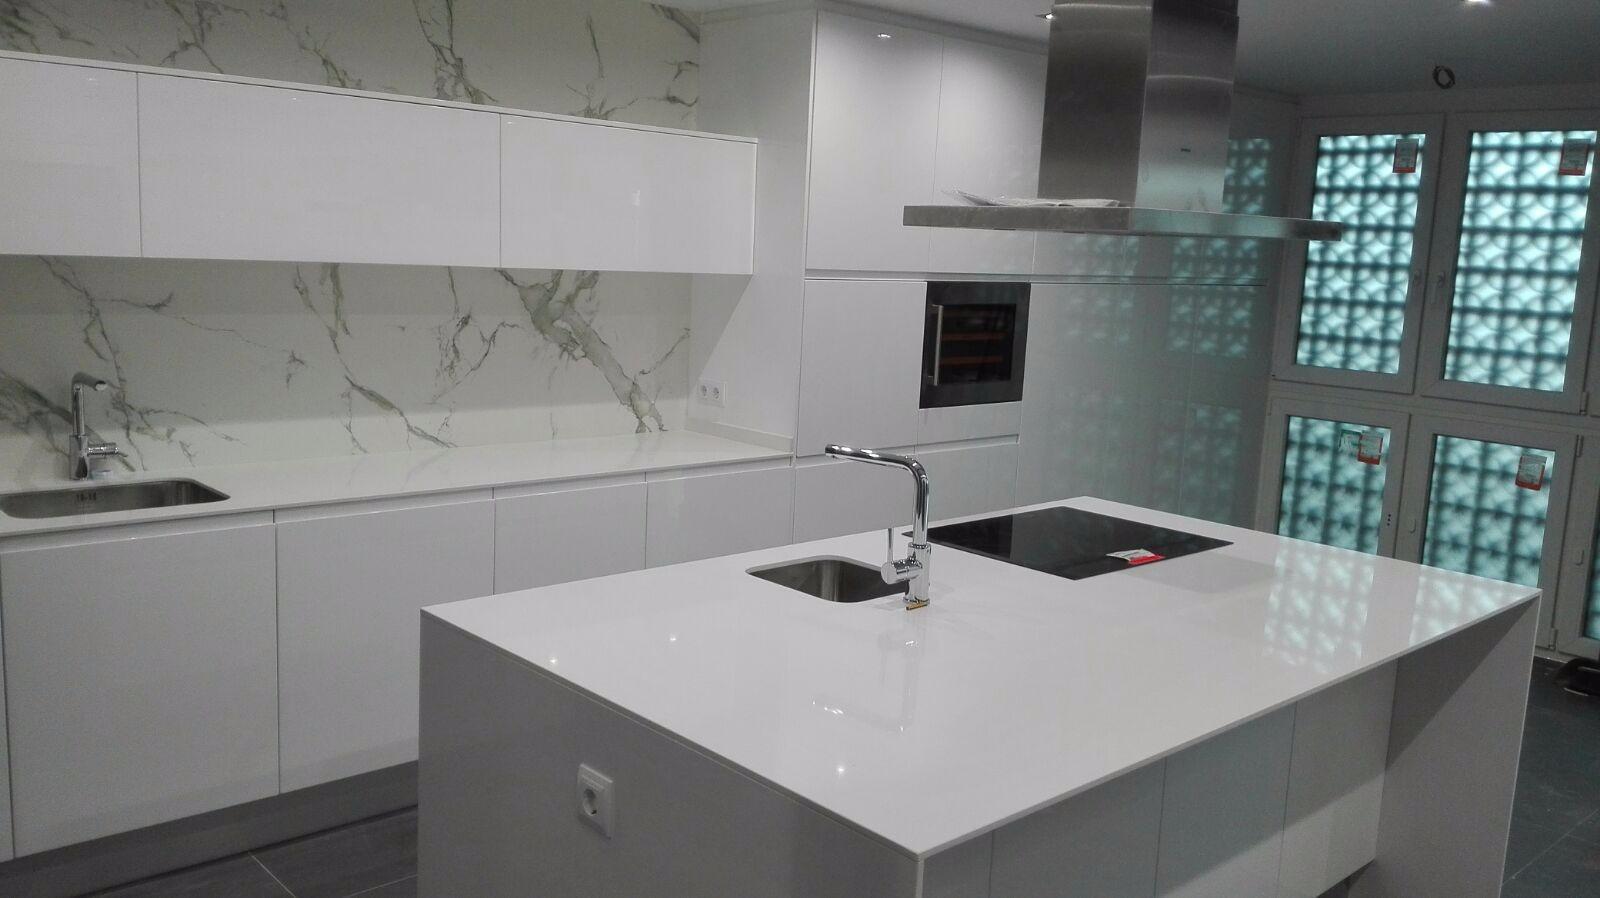 Fabrica de muebles de cocina en torrejon de ardoz finest fresh trabajos de montaje de muebles - Instalador de cocinas ...